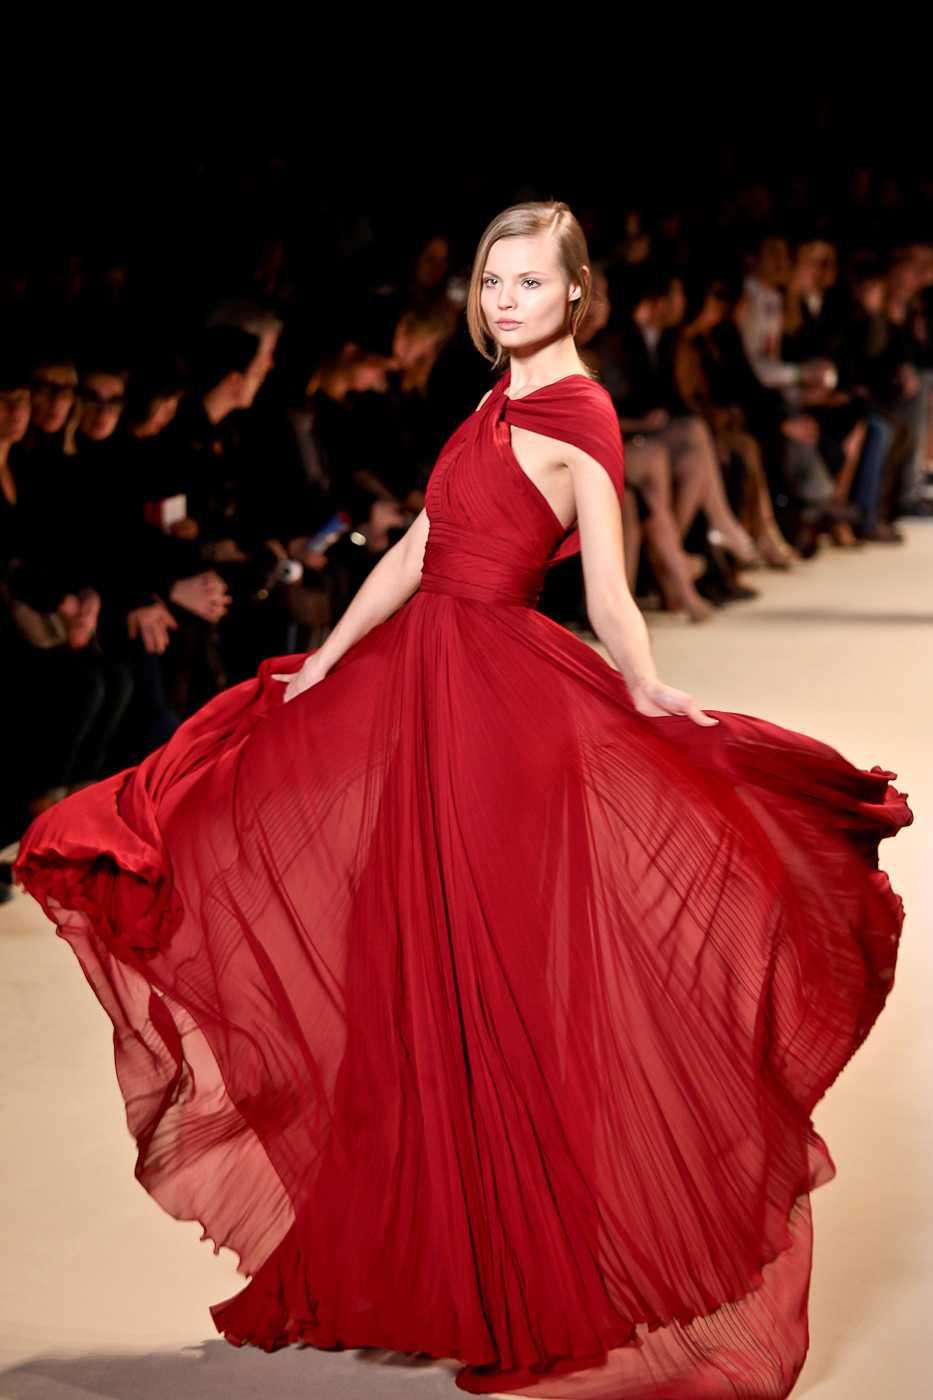 A model walks the runway at Paris fashion week.